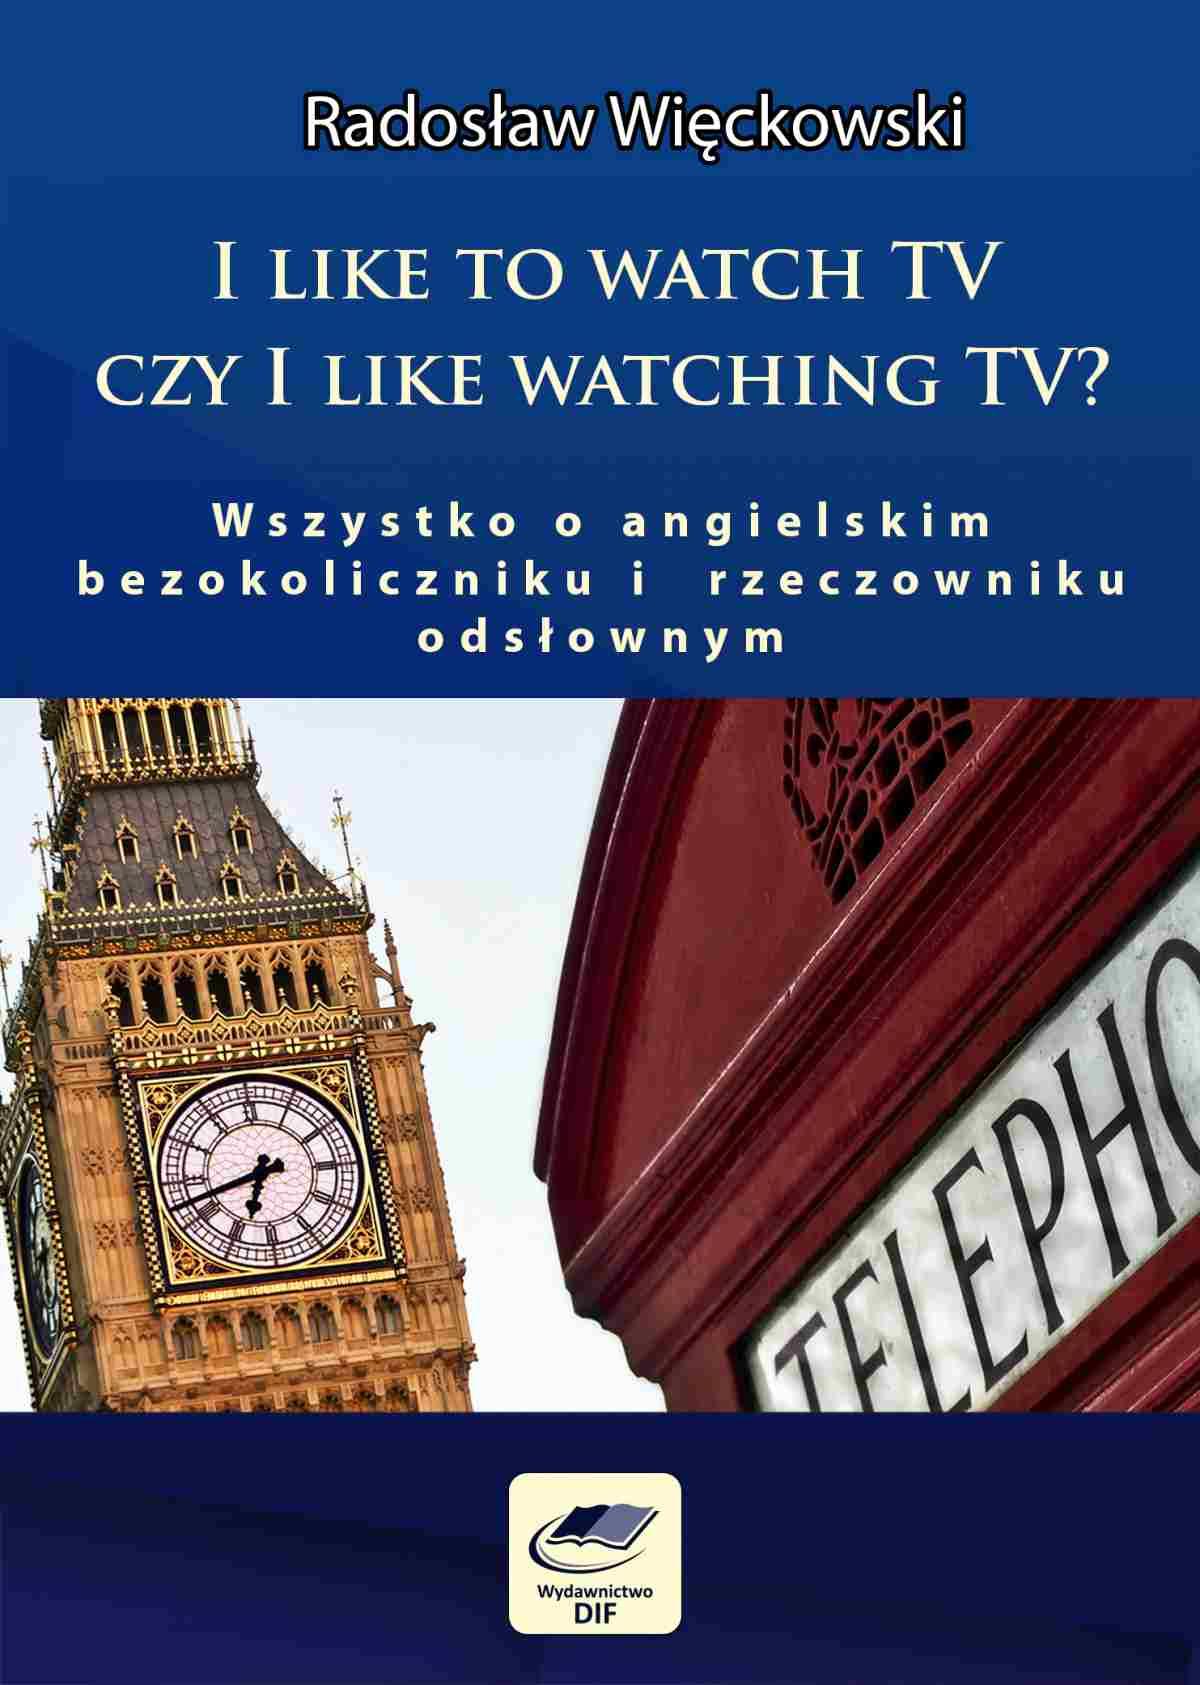 I like to watch TV czy I like watching TV? Wszystko o angielskim bezokoliczniku i rzeczowniku odsłownym - Ebook (Książka PDF) do pobrania w formacie PDF